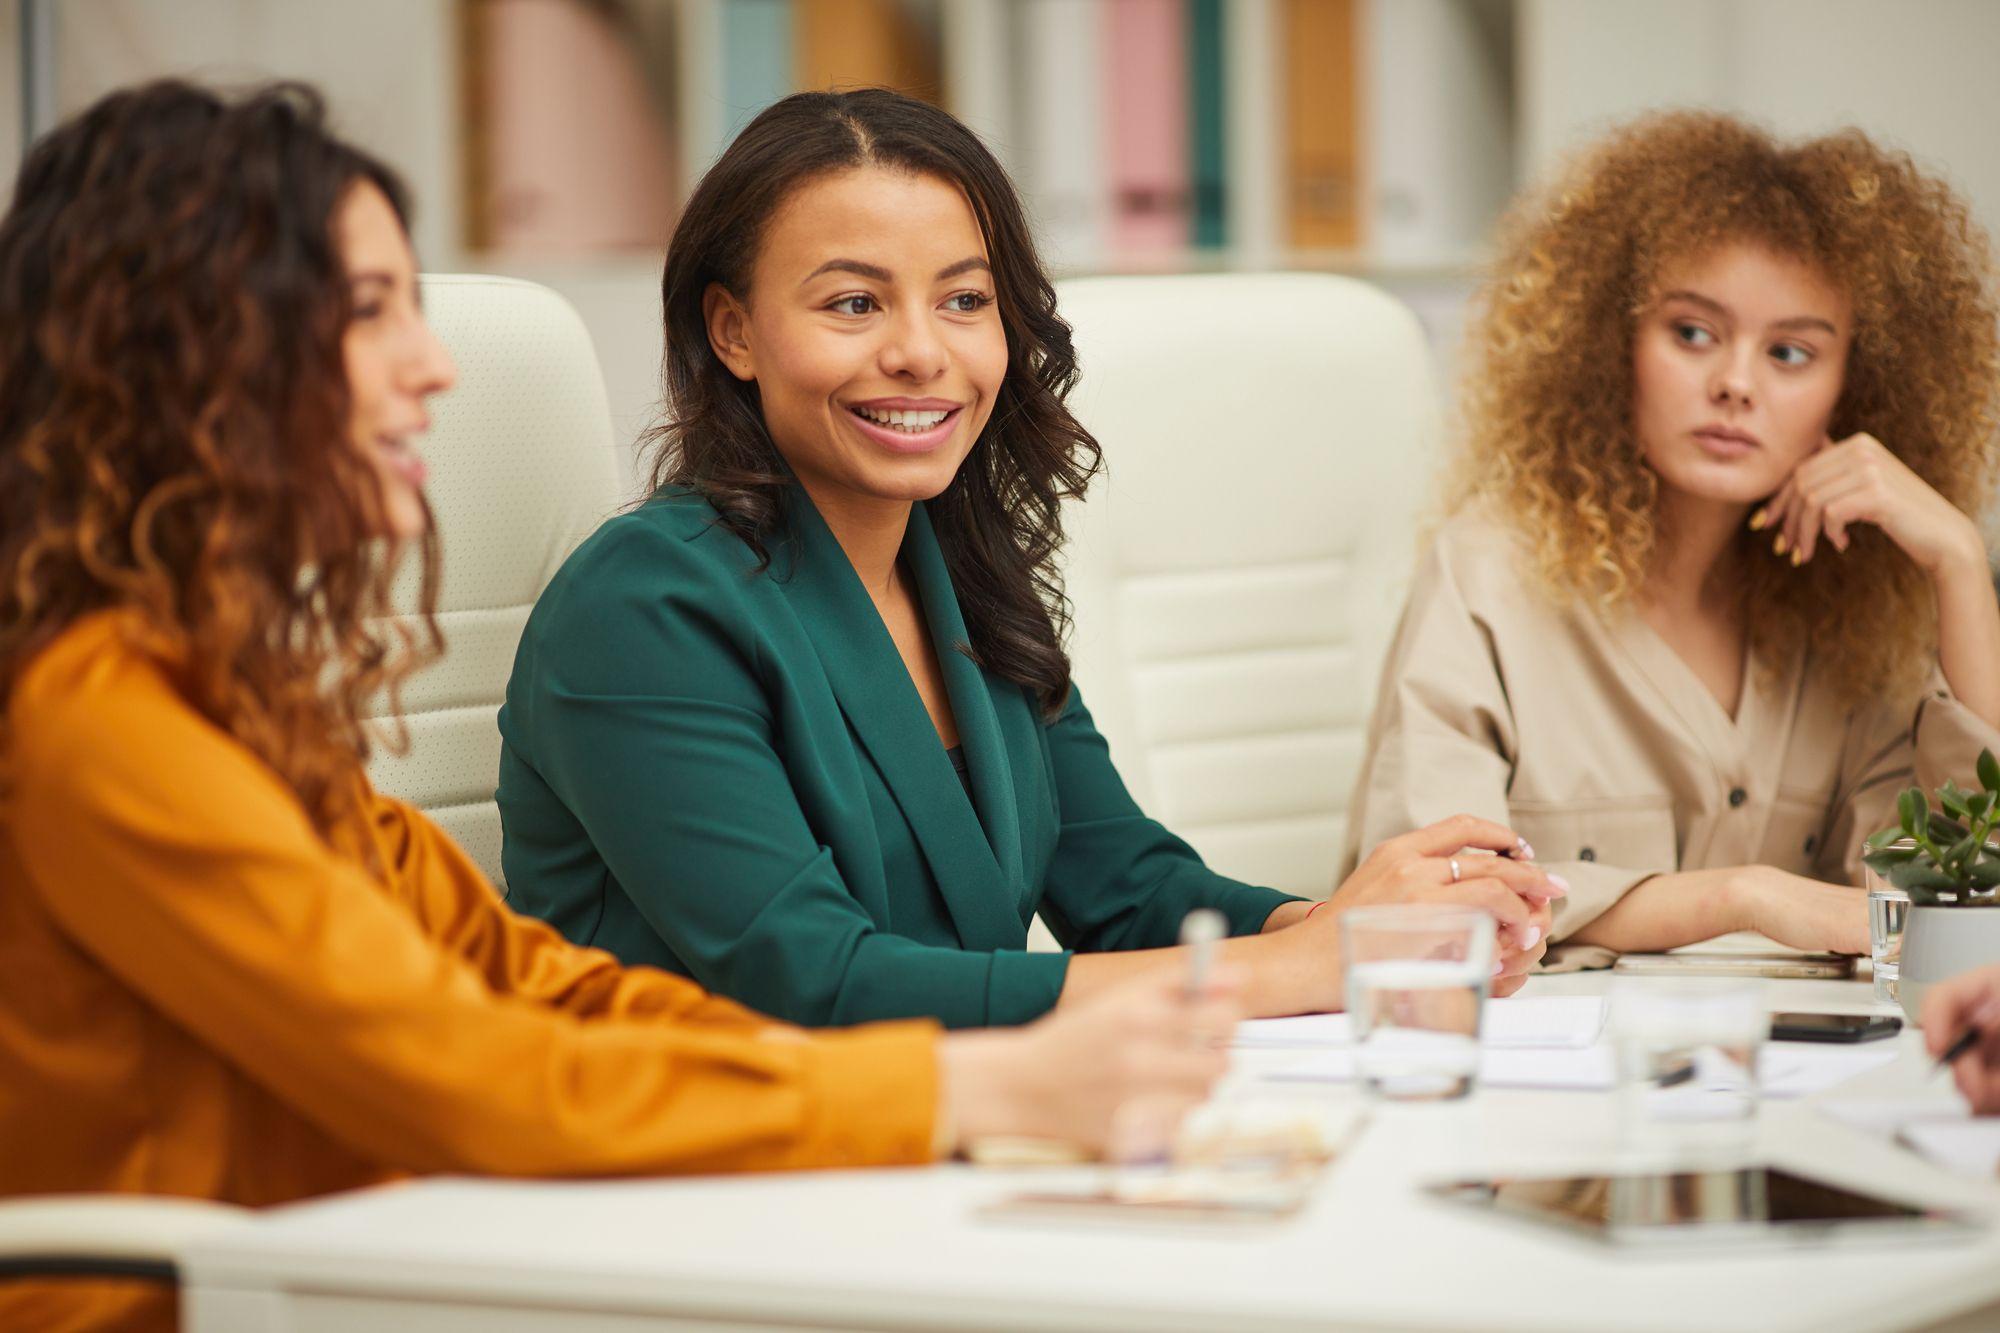 mulheres acompanhando sua líder exercendo a liderança situacional